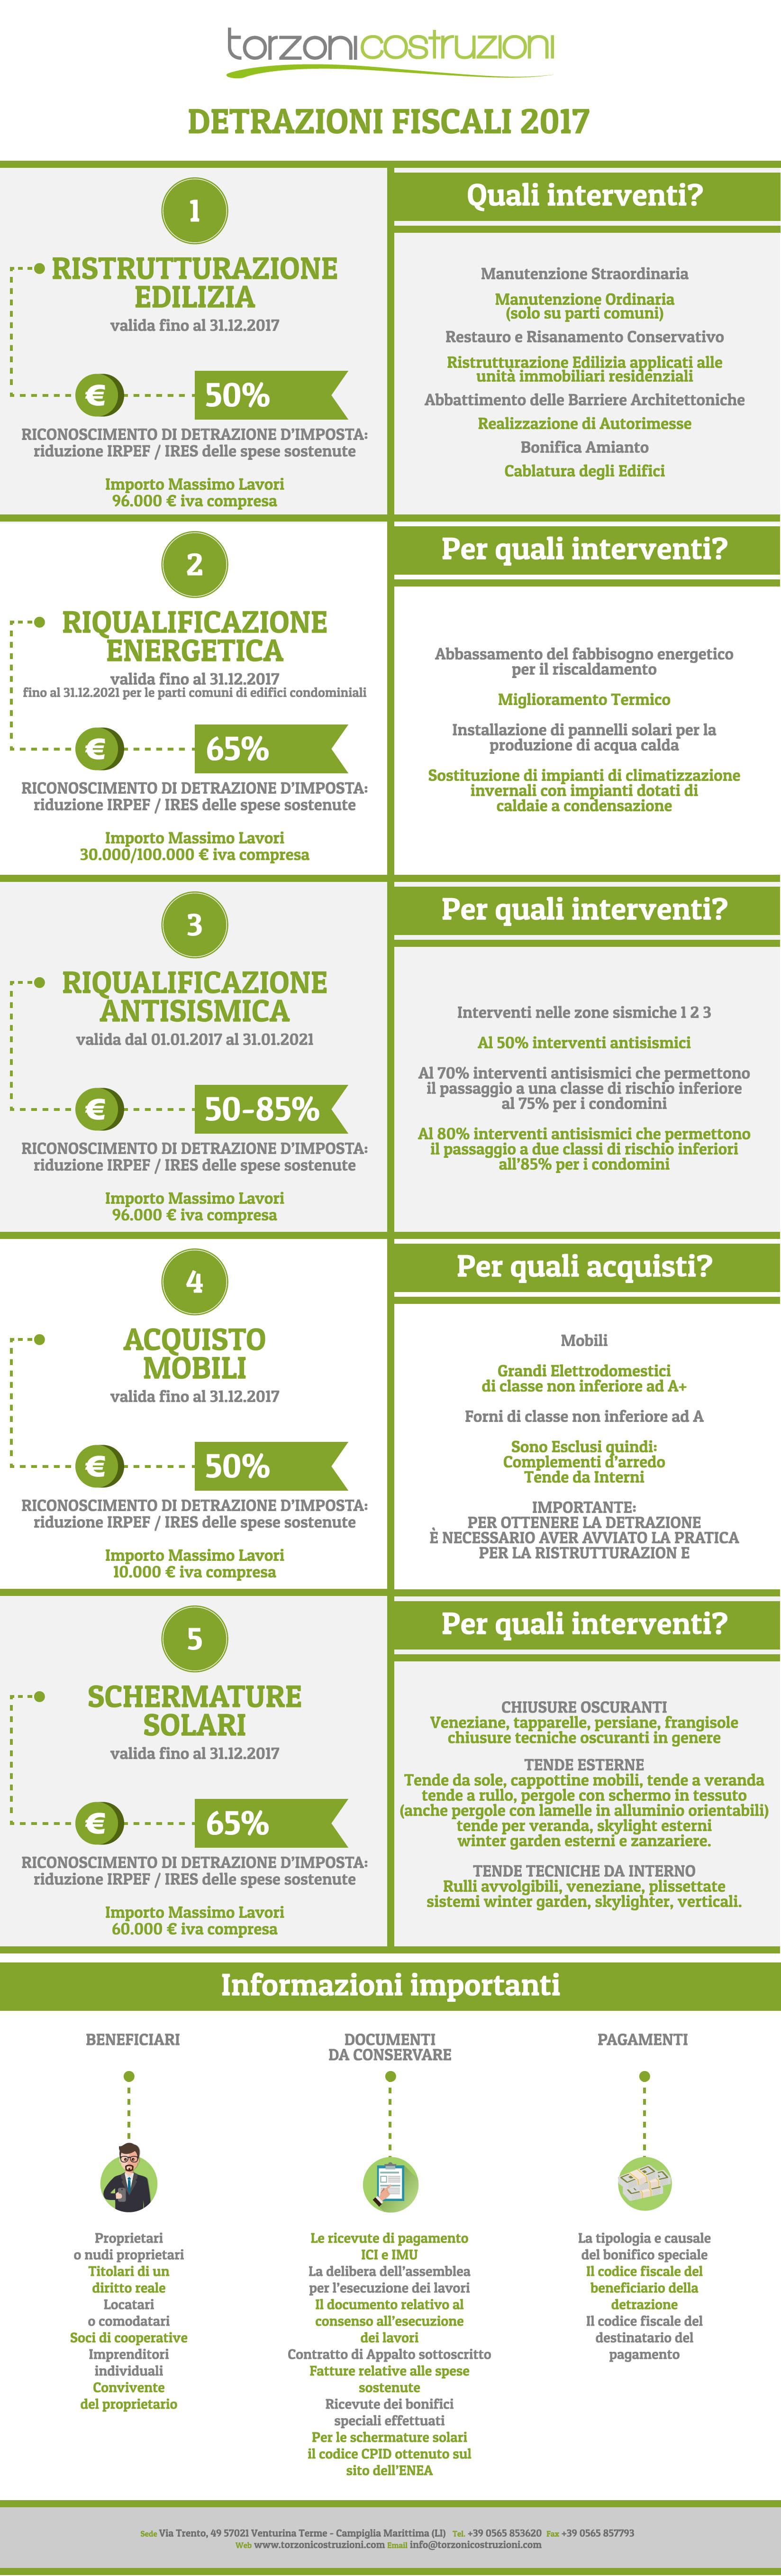 Risolviamo I Vostri Dubbi Sulle Detrazioni Fiscali Con Questa Semplice E  Chiara Infografica!